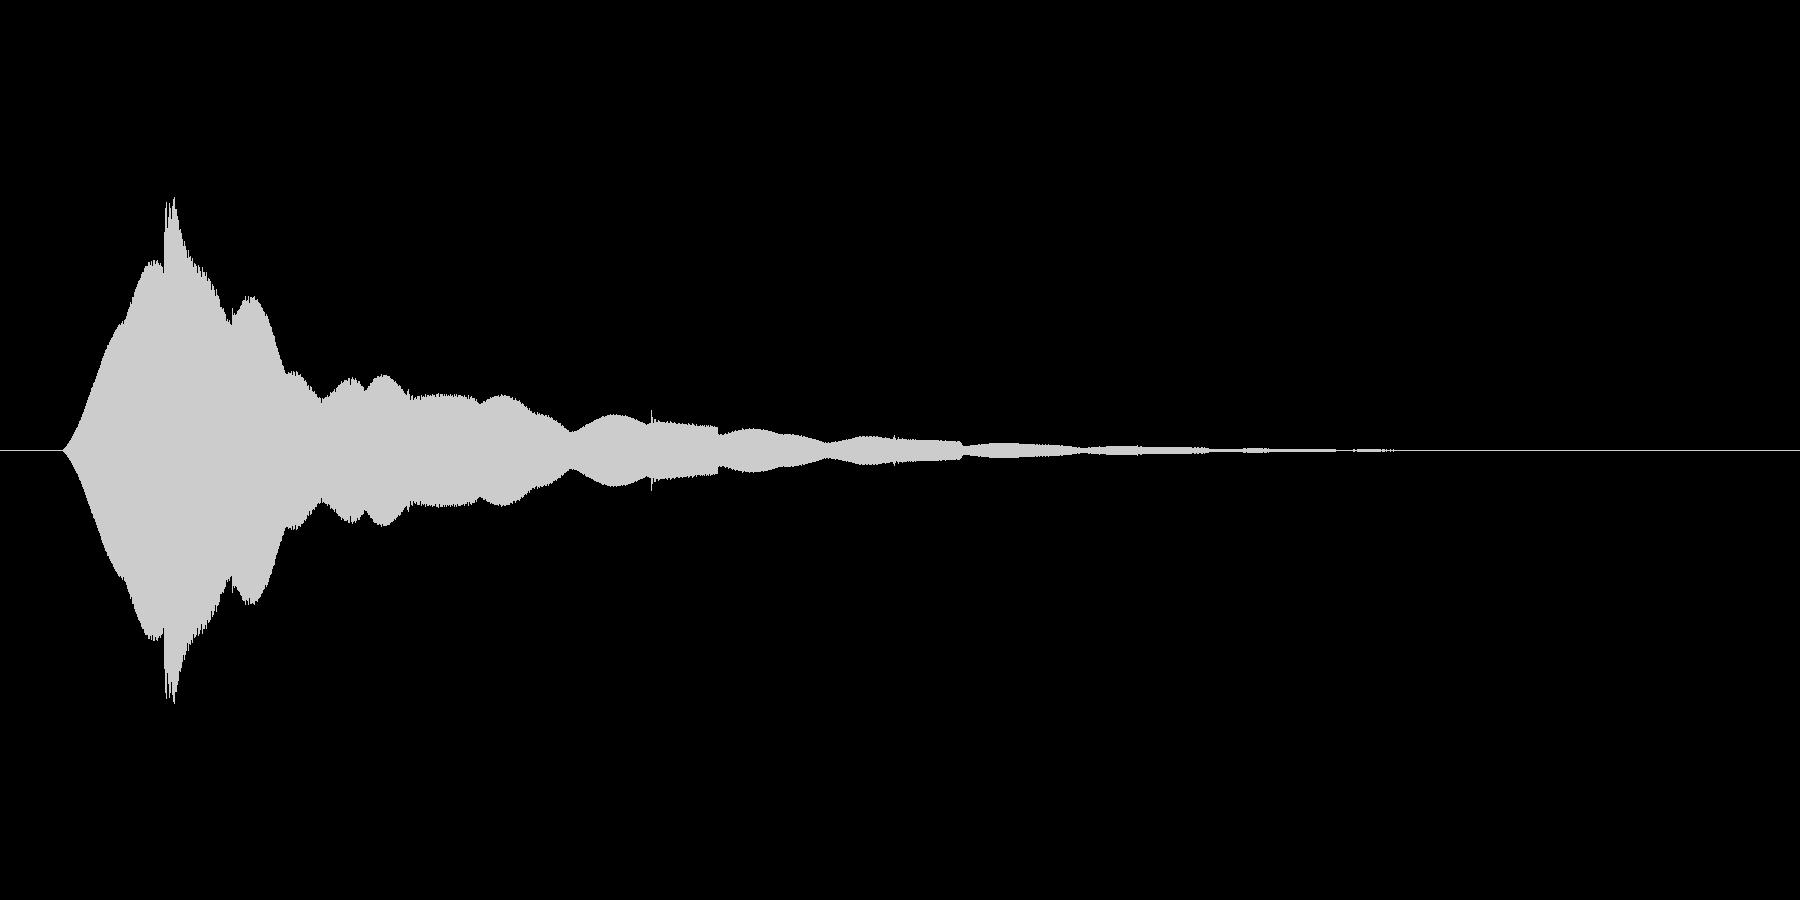 キラーン(アイテム取得、閃き、アイデア)の未再生の波形